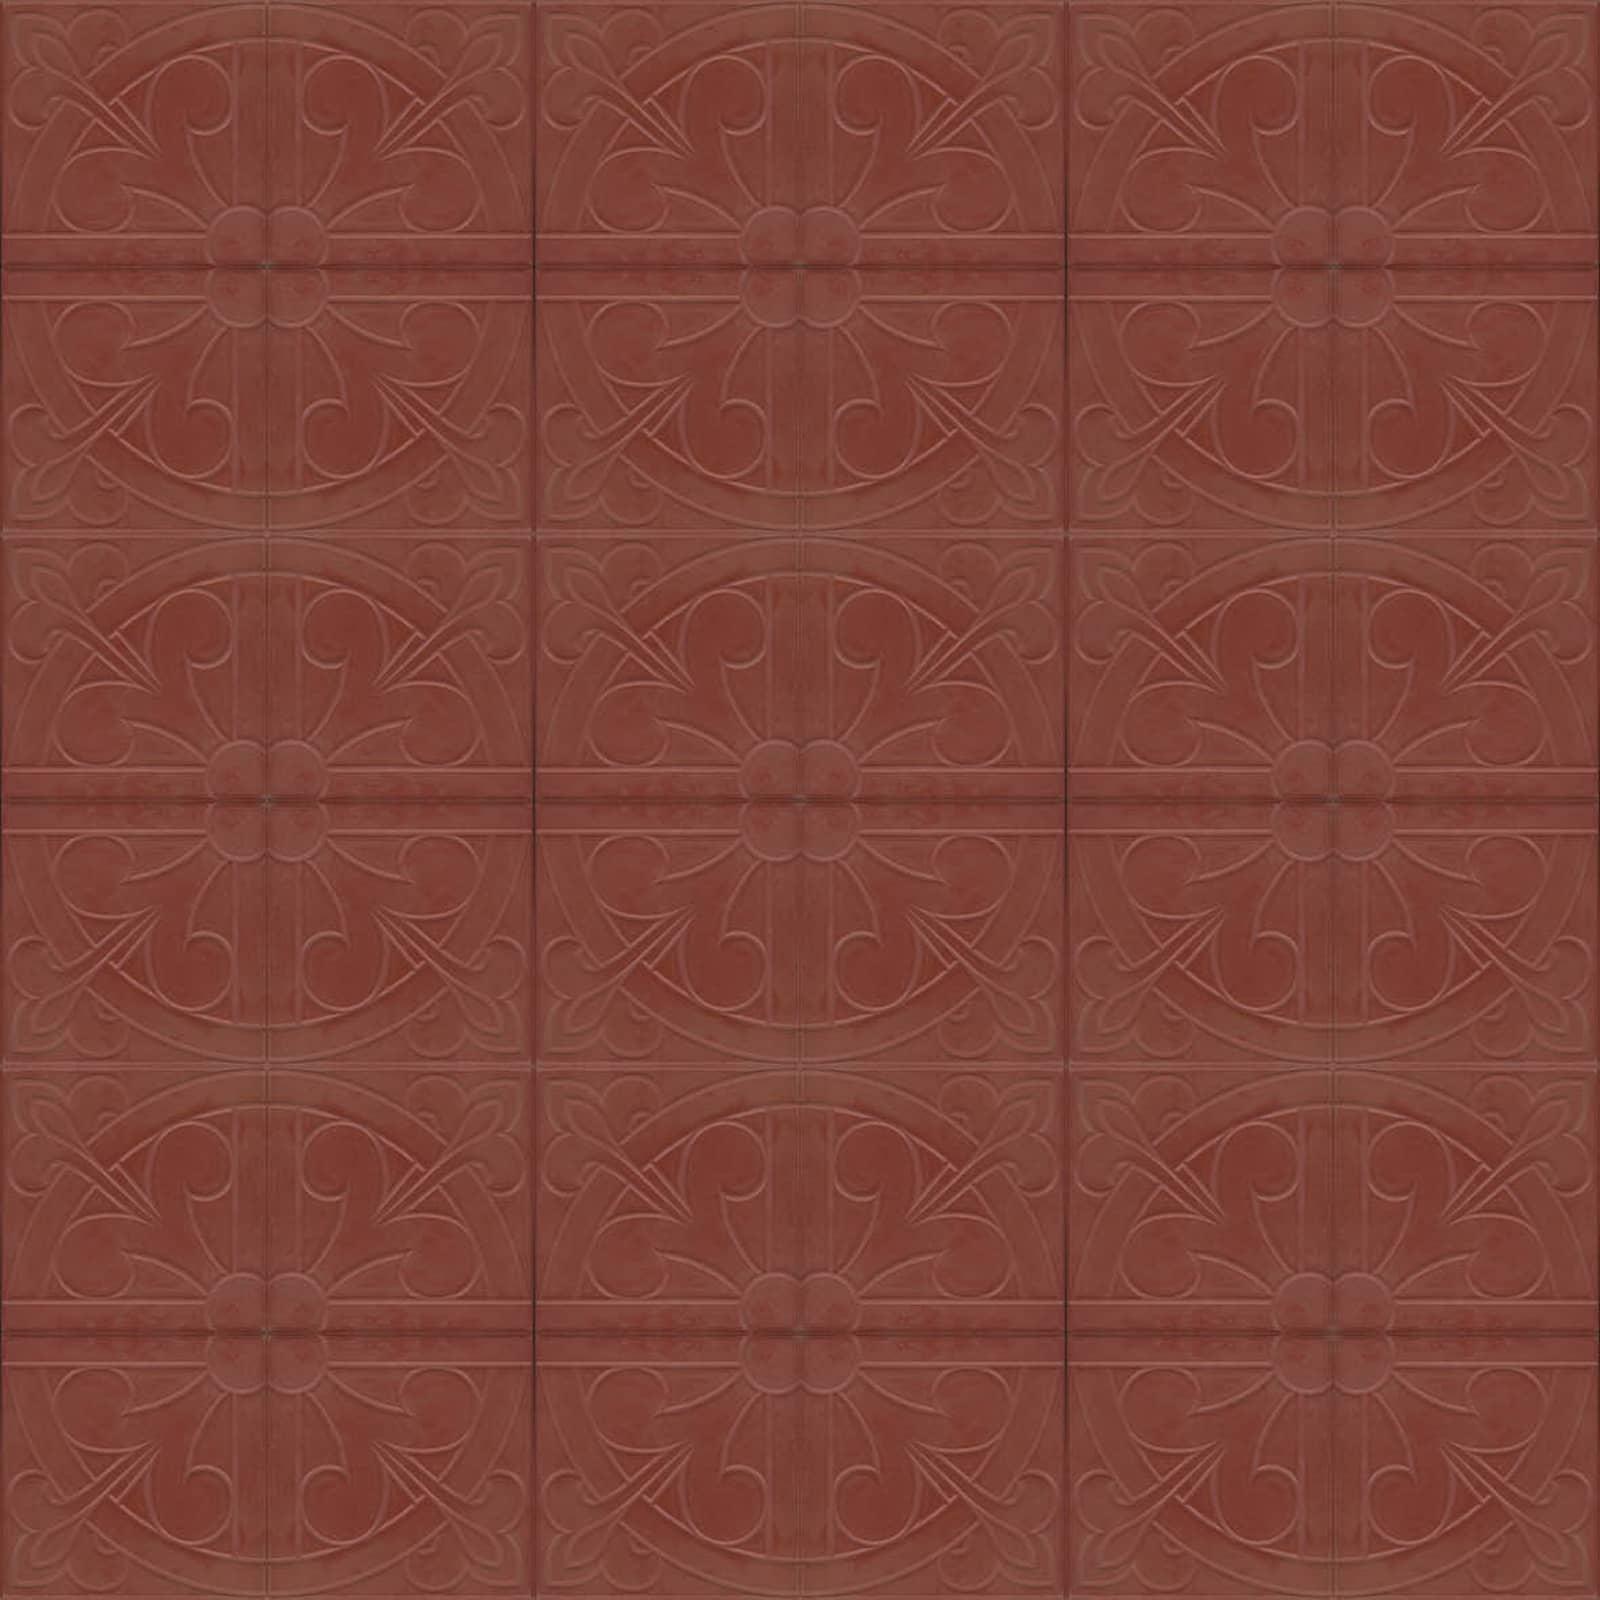 zementfliesen-terrazzofliesen-kreidefarbe-terrazzo-fugenlos-viaplatten-40234-verlegemuster | 40234